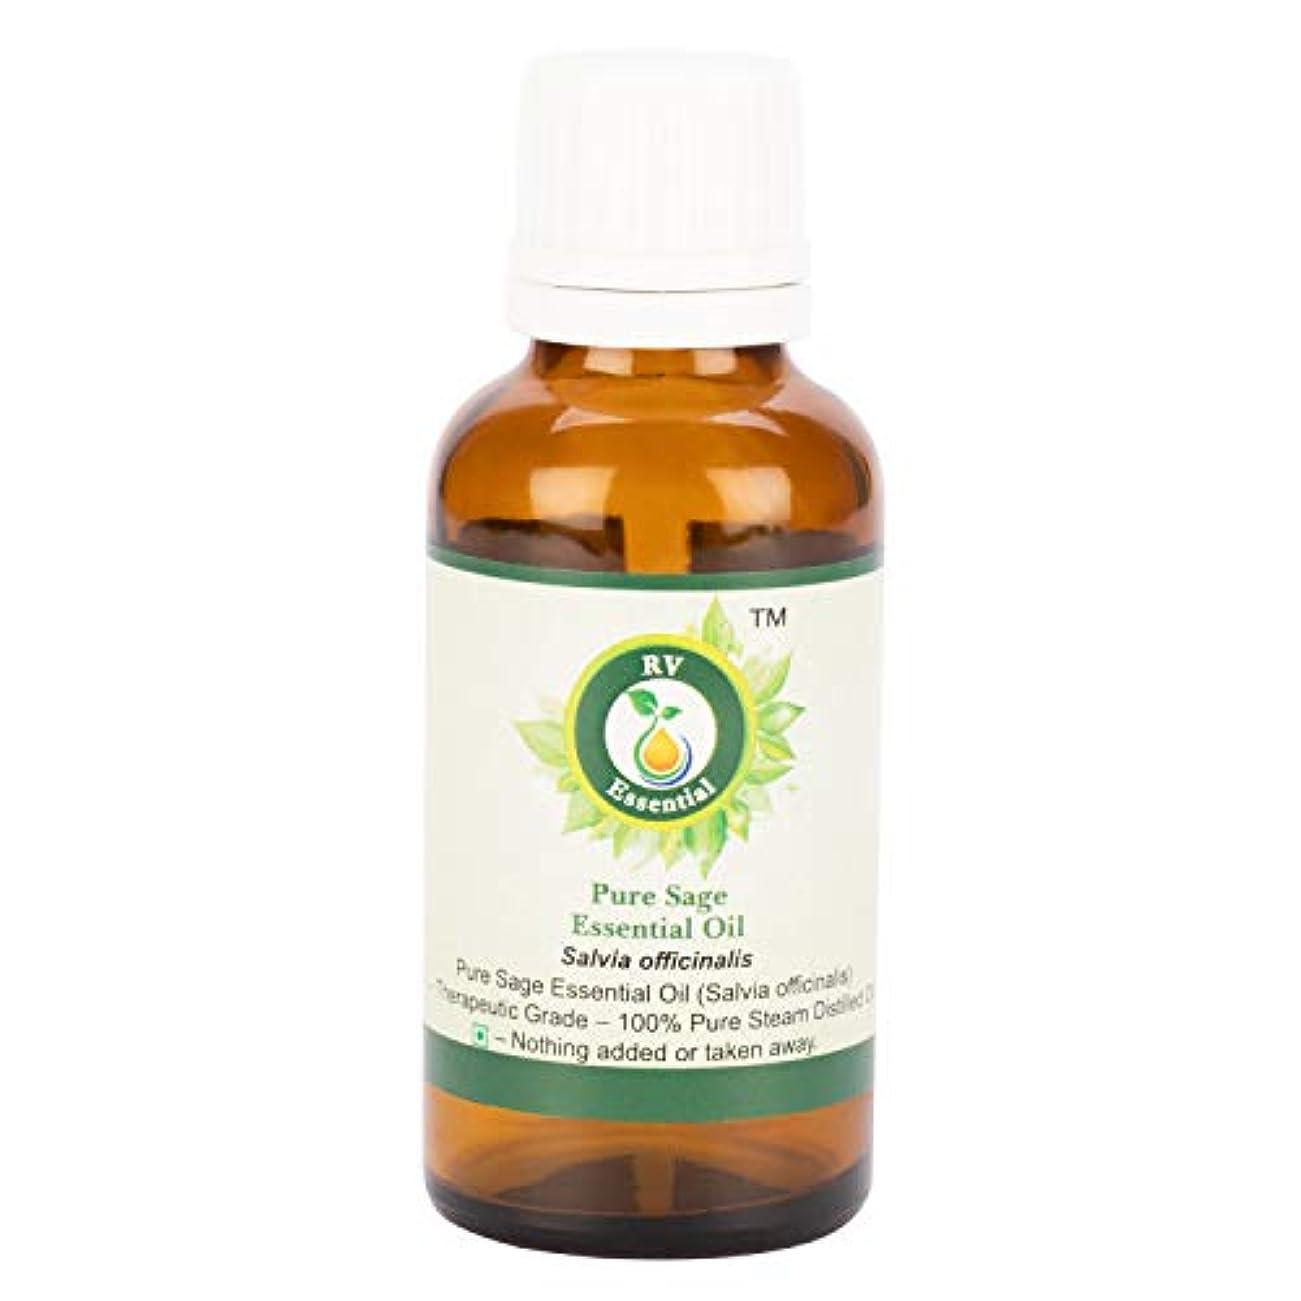 レザー自治天のピュアセージエッセンシャルオイル100ml (3.38oz)- Salvia Officinalis (100%純粋&天然スチームDistilled) Pure Sage Essential Oil